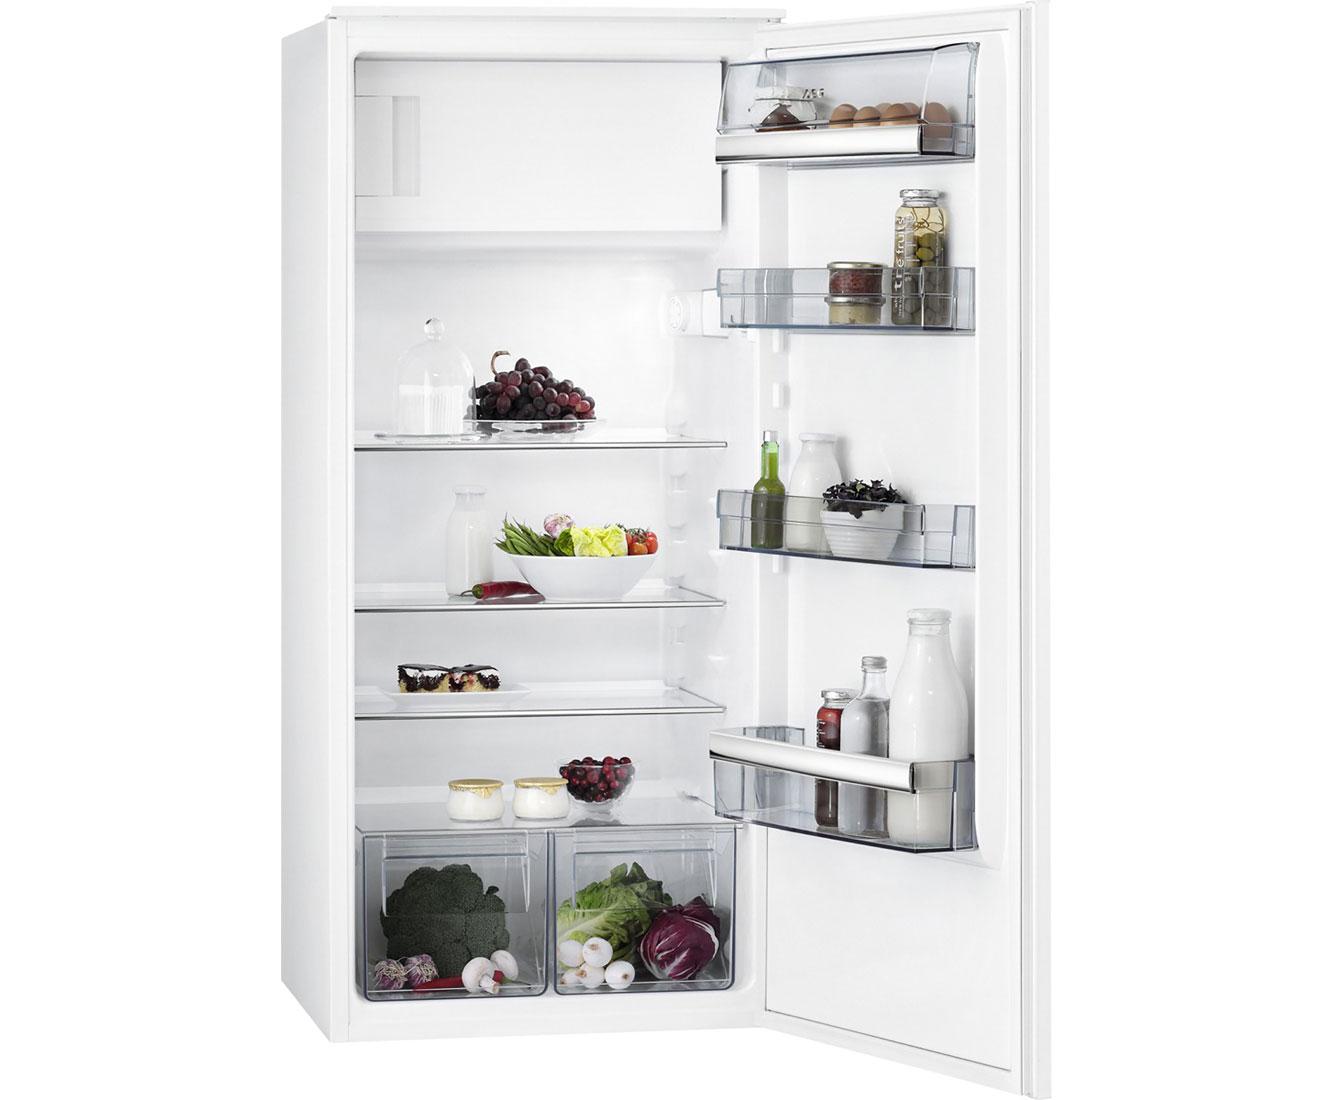 Aeg Santo Unterbau Kühlschrank : Aeg santo sfa aas einbau kühlschrank mit gefrierfach er